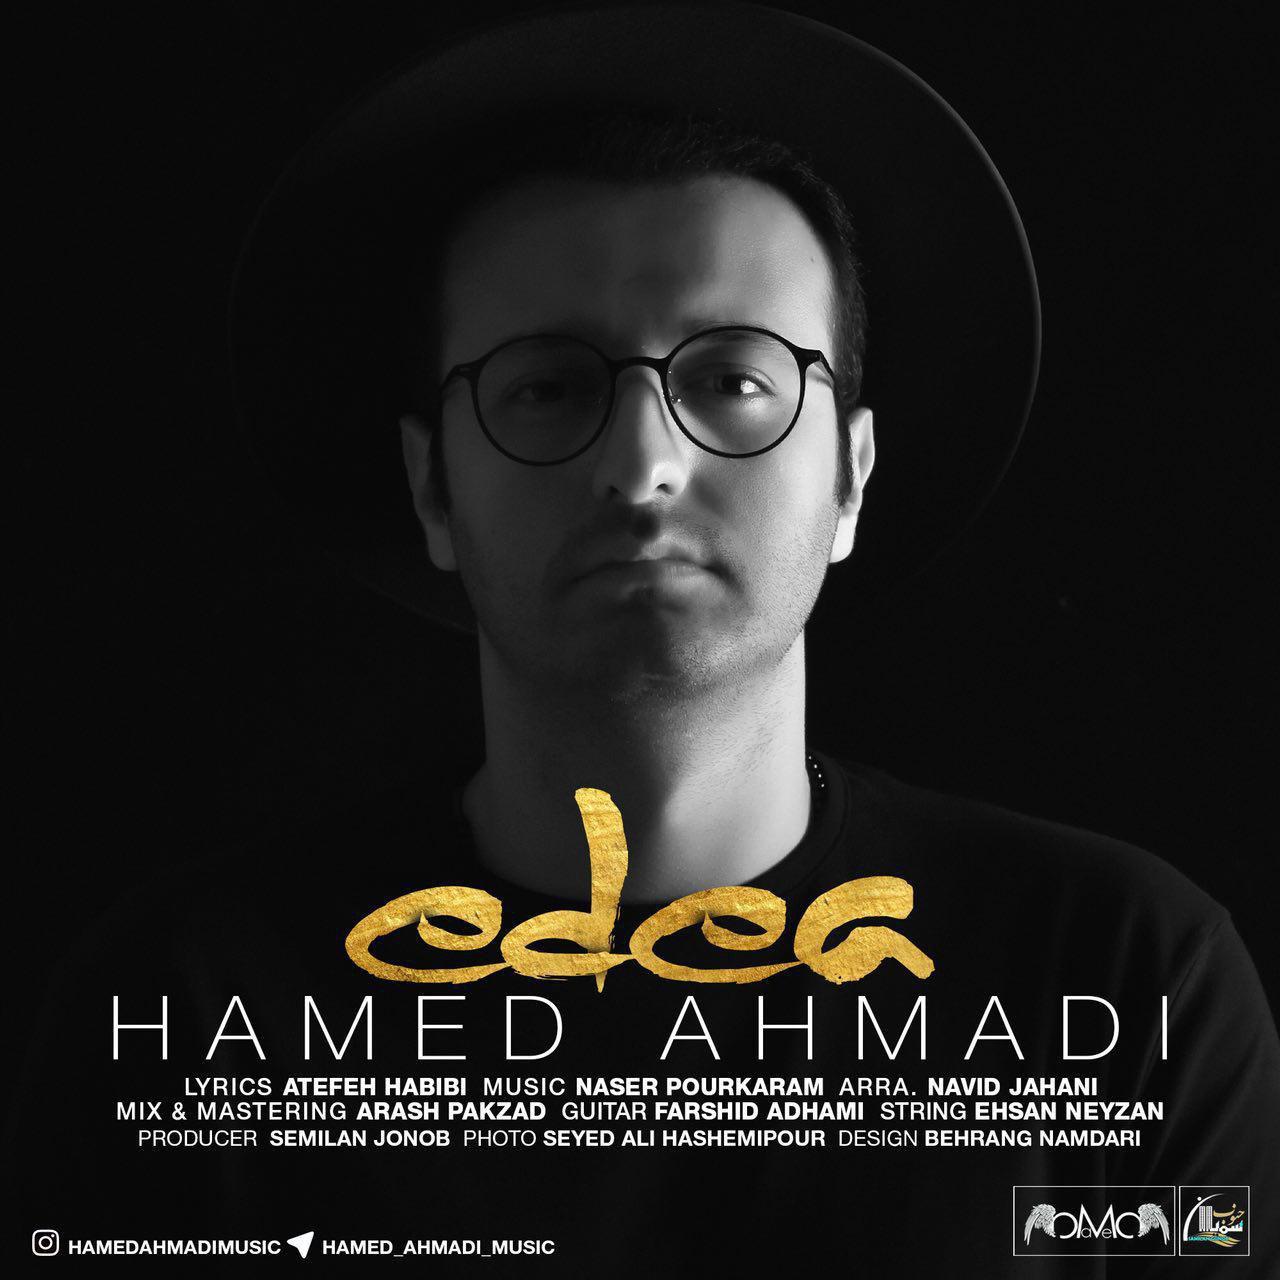 دانلود آهنگ حامد احمدی به نام ادعا